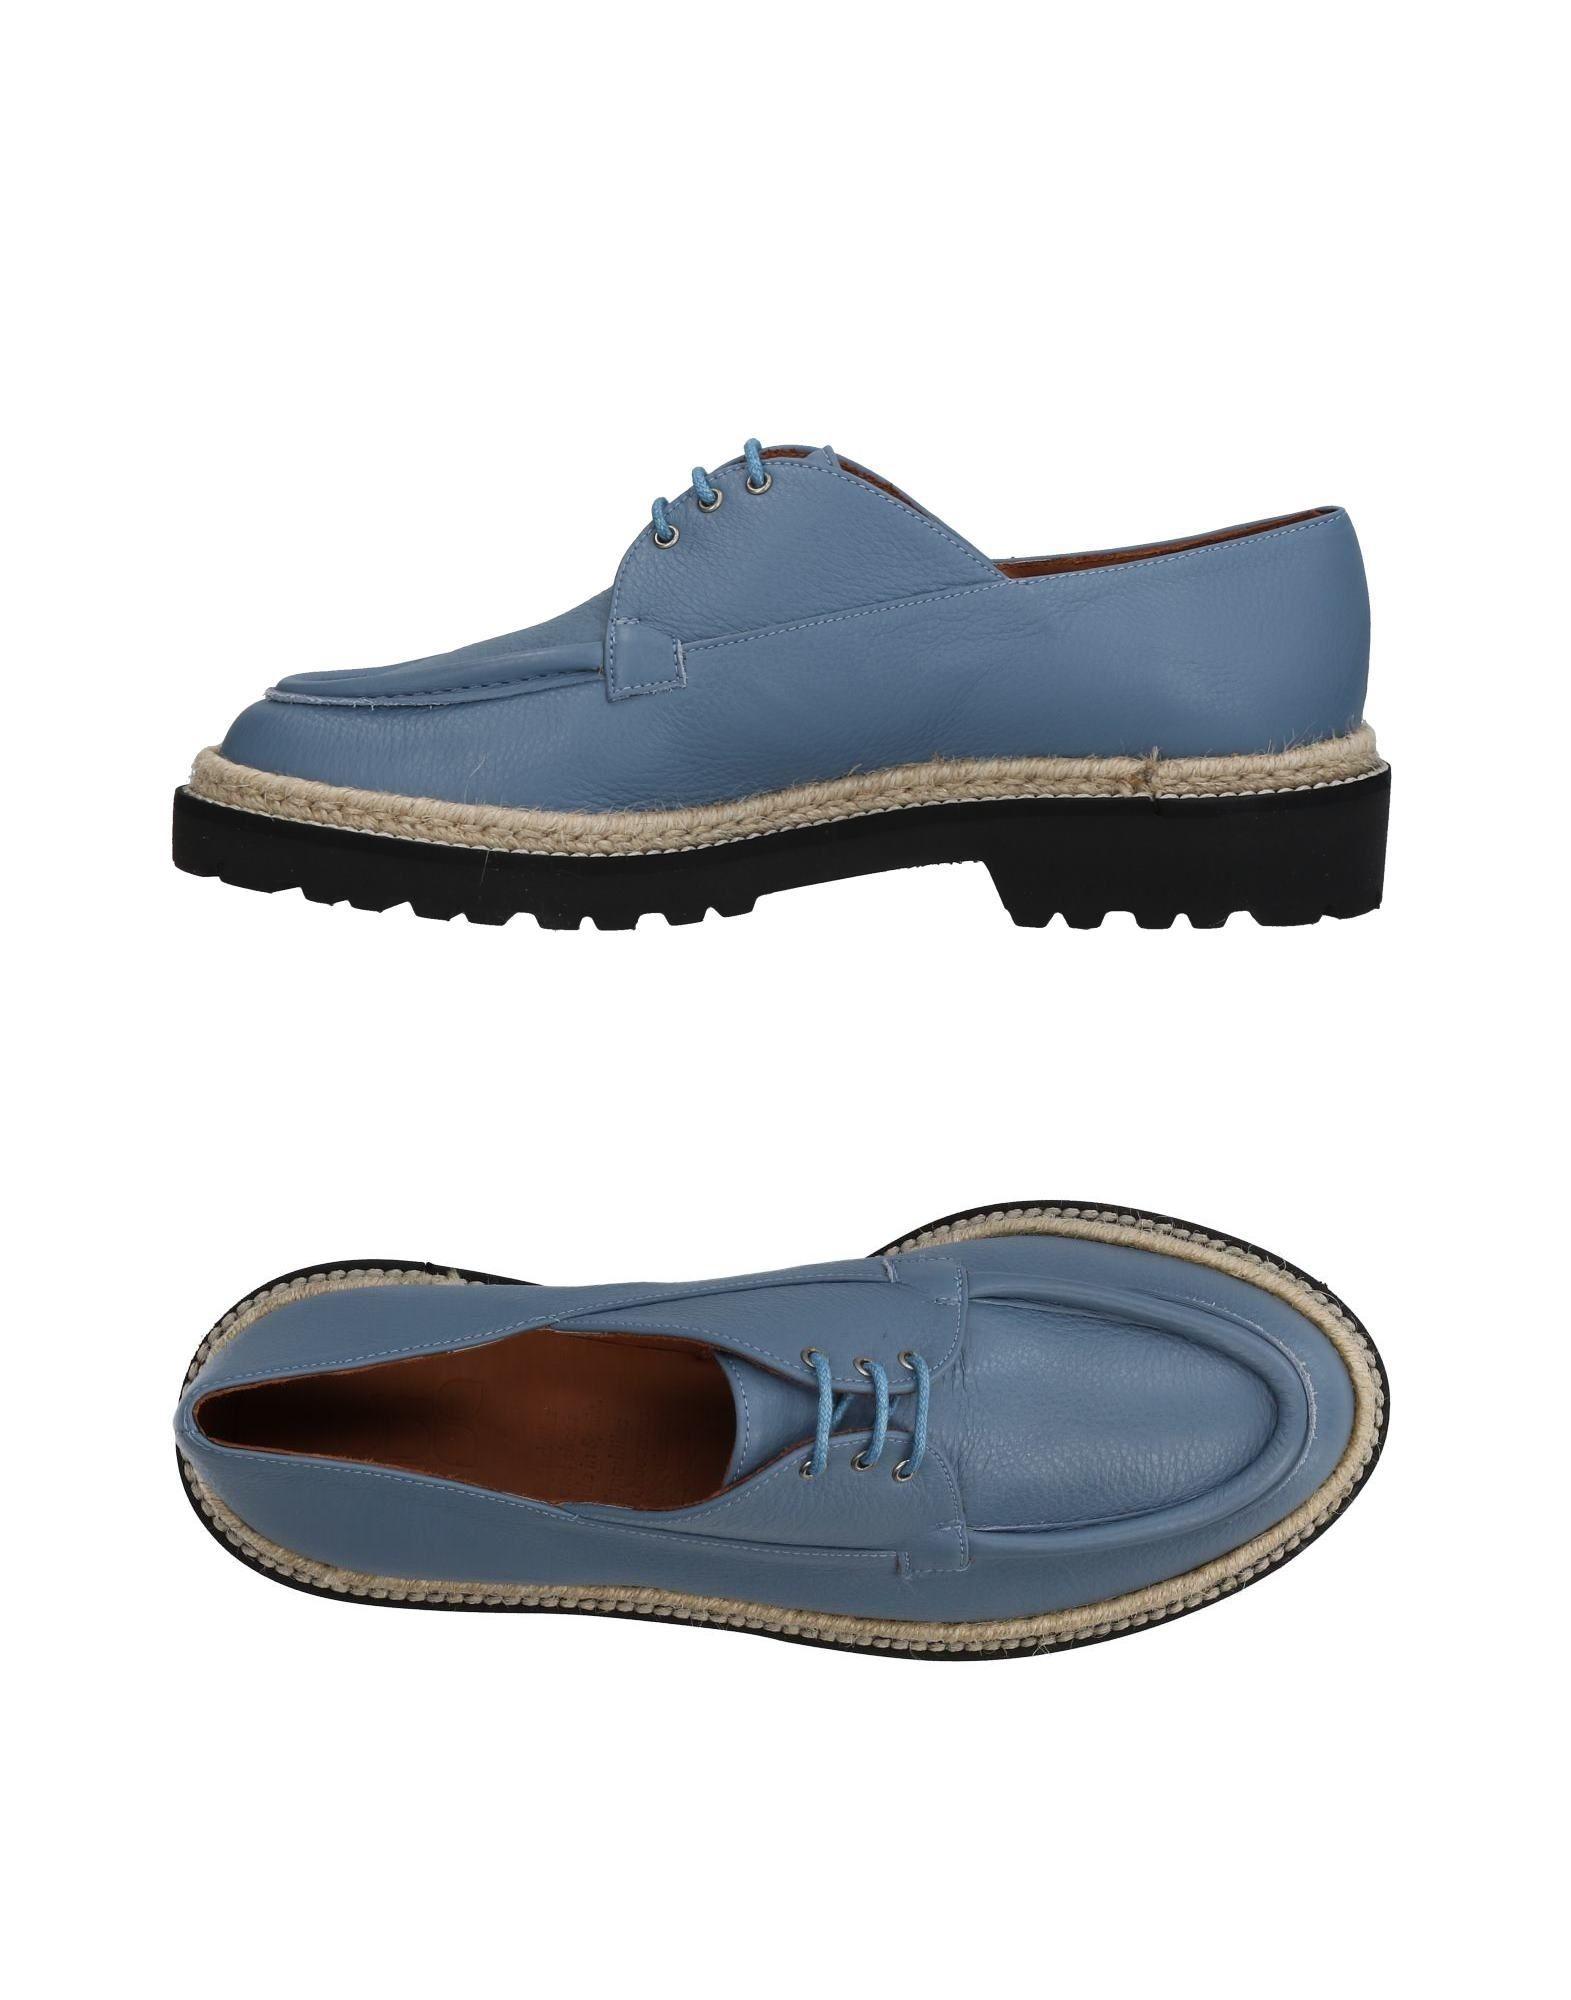 Naguisa Schnürschuhe Damen  11445331FN Gute Qualität beliebte Schuhe